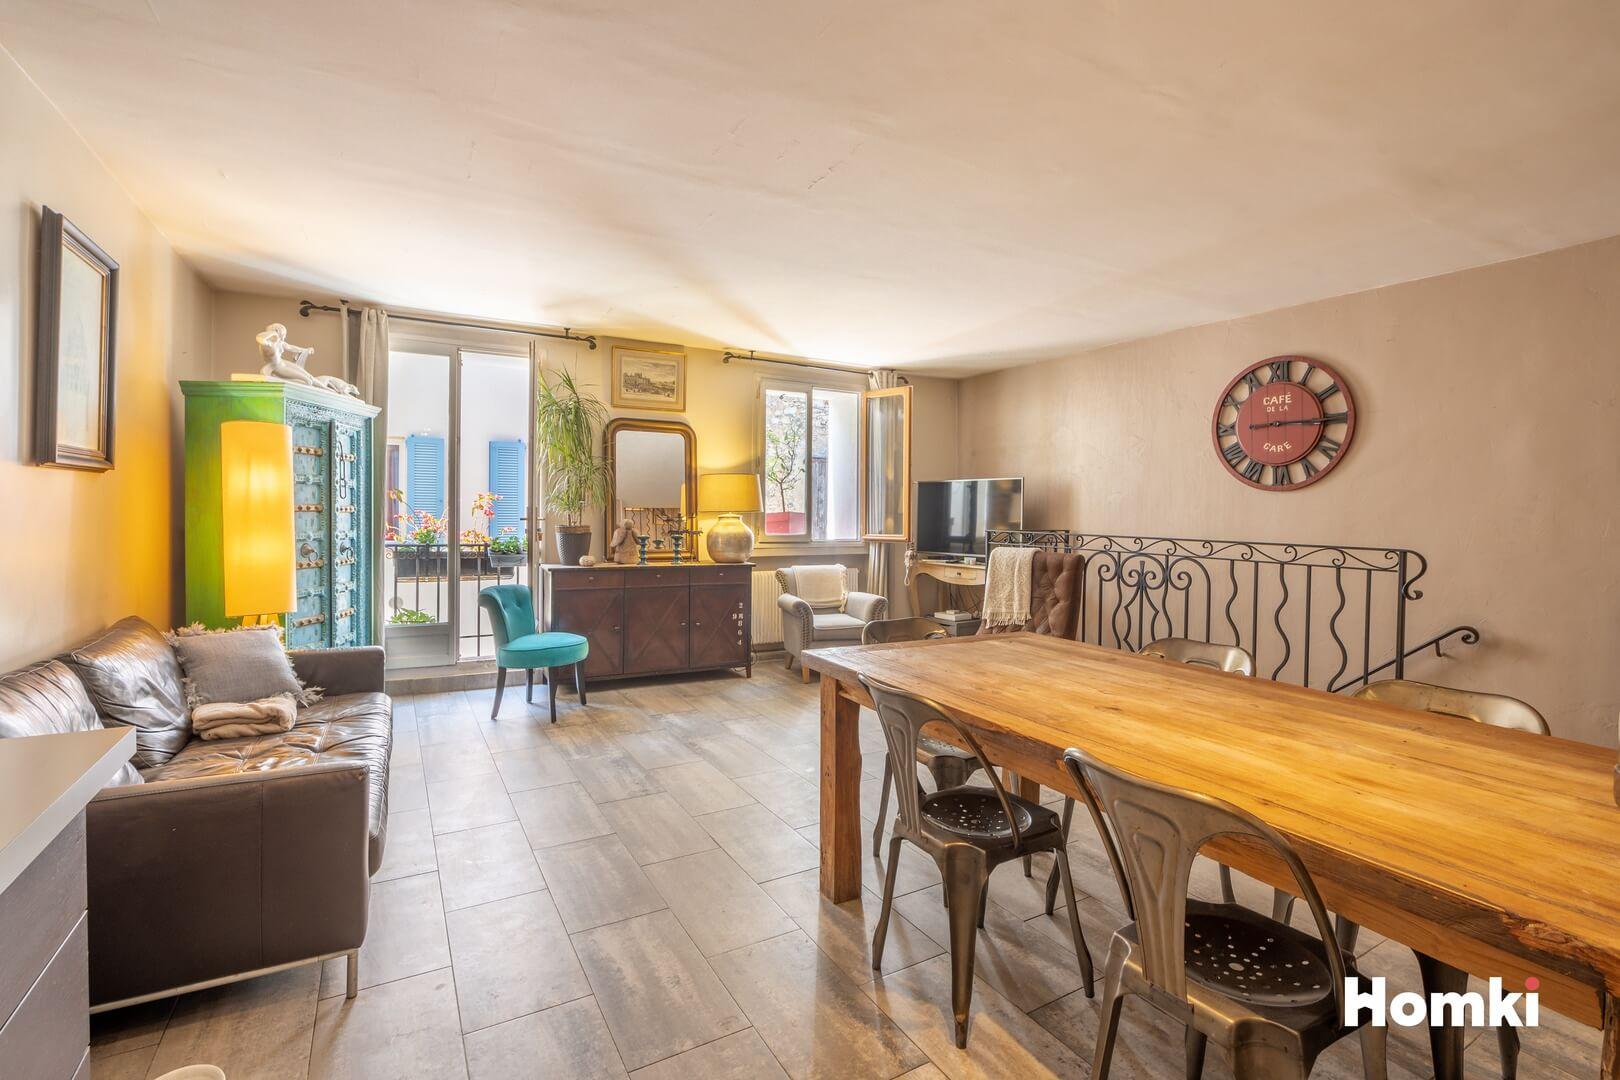 Homki - Vente Maison de ville  de 135.0 m² à Mouans-Sartoux 06370